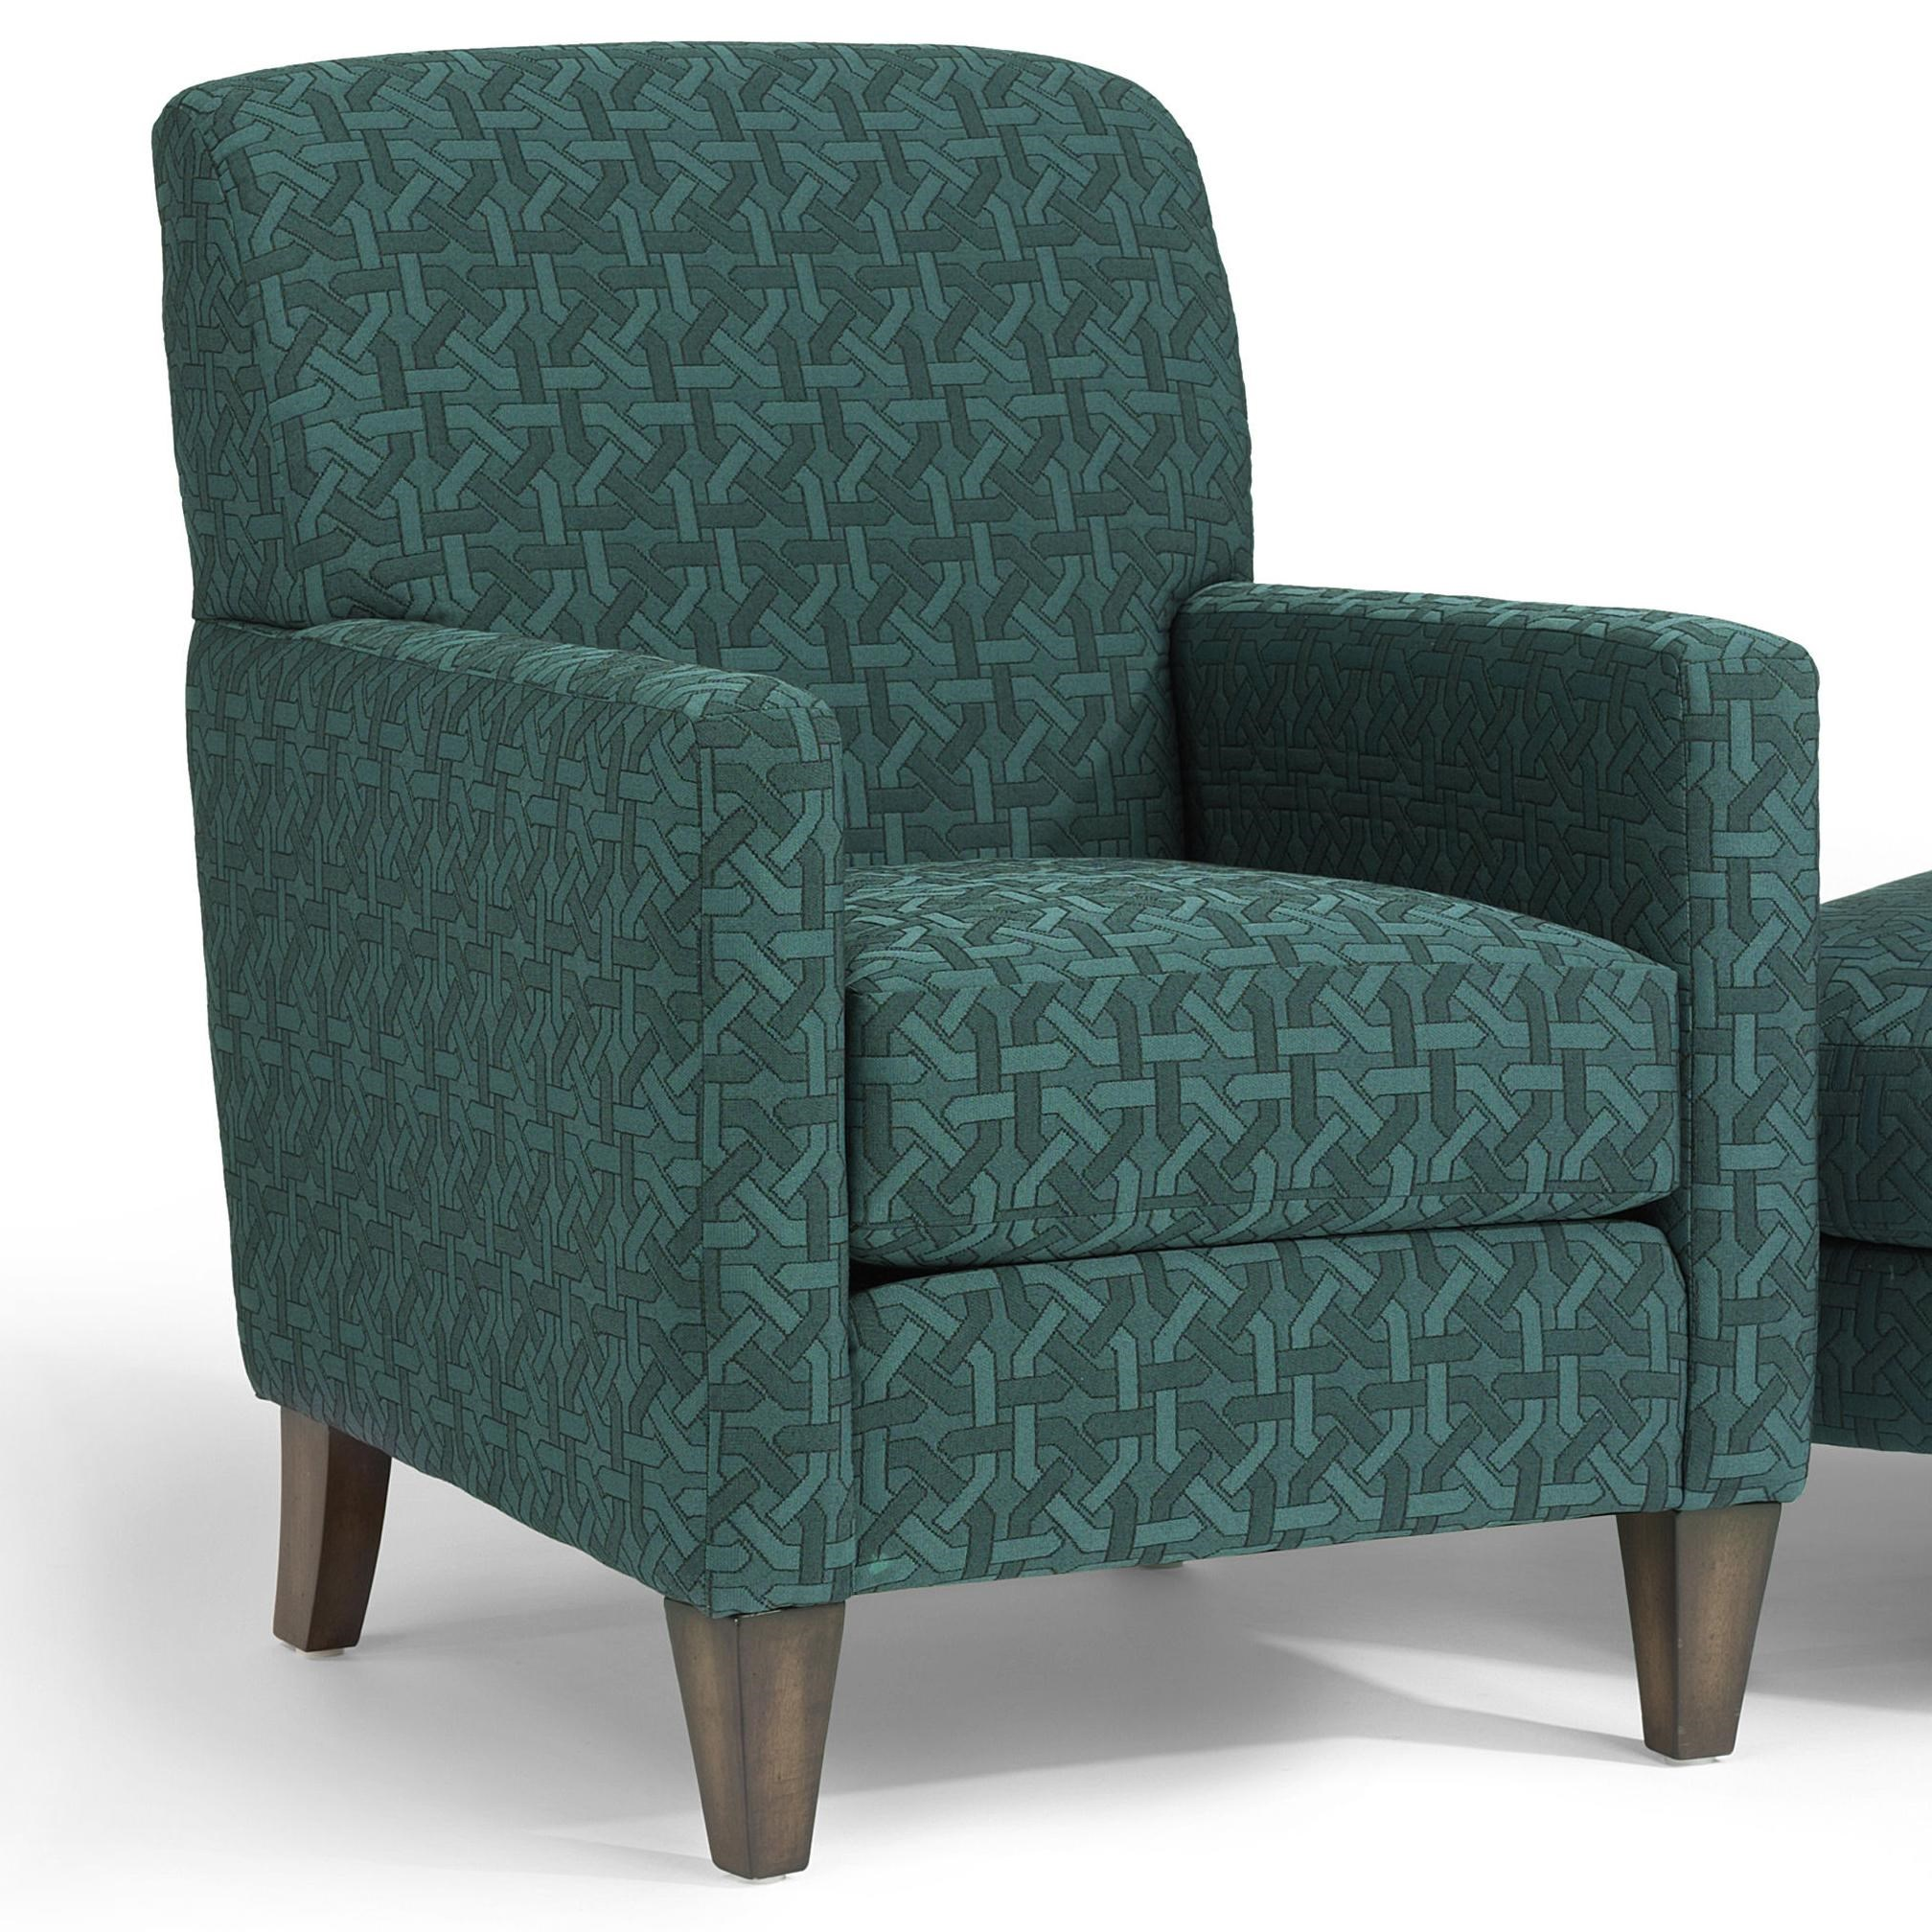 Gentil Dunk U0026 Bright Furniture